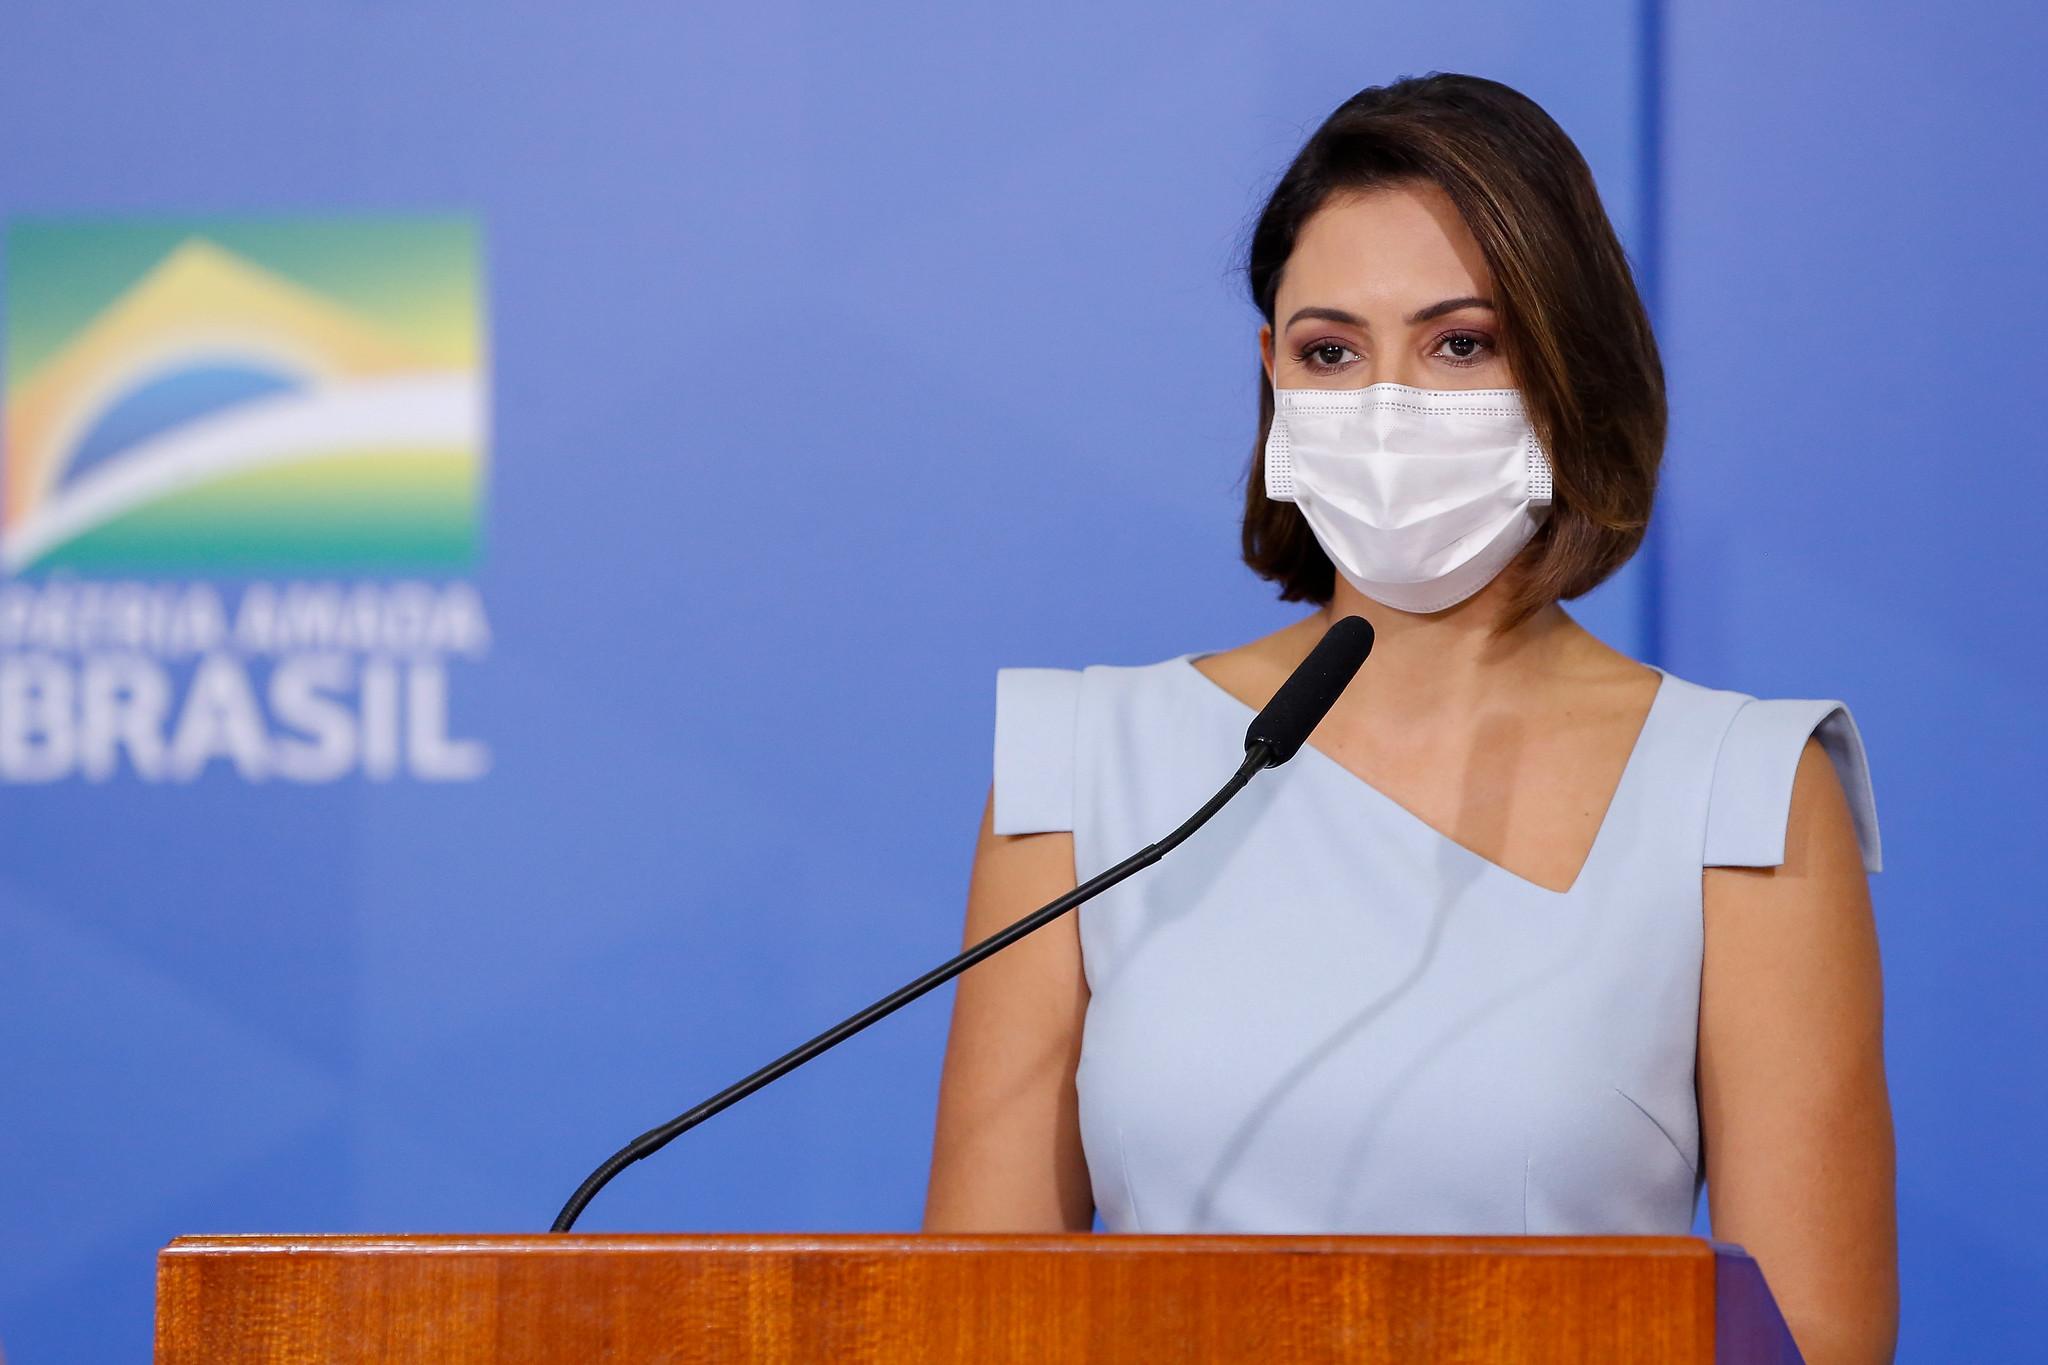 IMAGEM: STF vai avaliar notícia-crime sobre cheques de Queiroz a Michelle